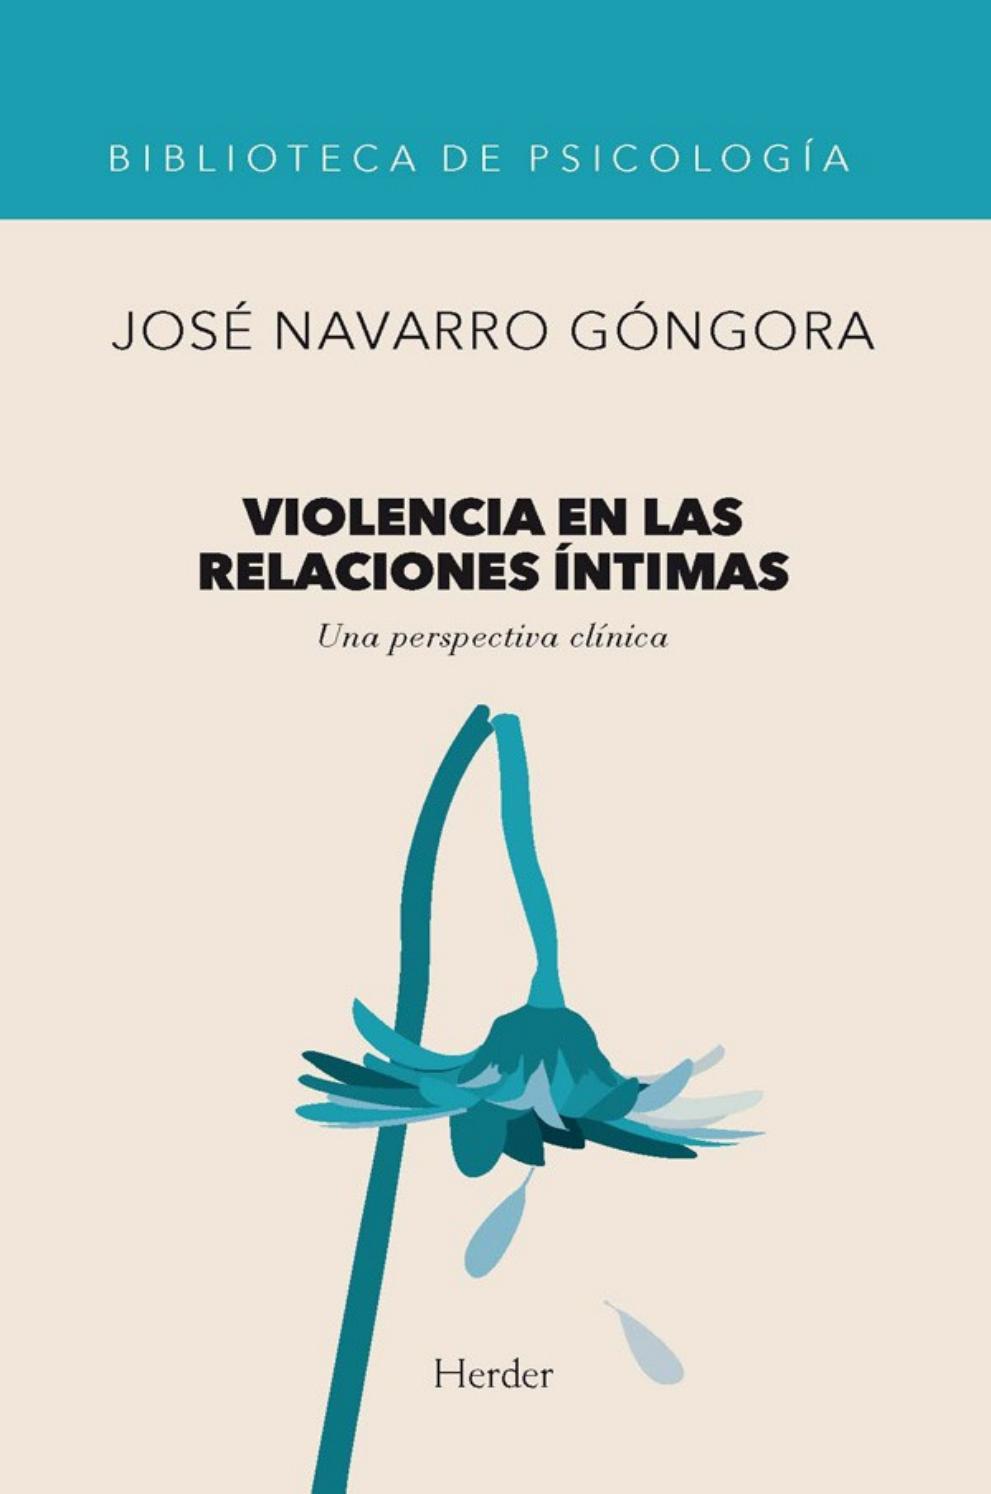 Violencia En Las Relaciones Ant Navarro Ga3ngora Josacautho By Marketinmundi Issuu Las manifestaciones de violencia que se muestran en el material no son necesariamente consecutivas, sino que pueden ser experimentadas de manera intercalada. violencia en las relaciones ant navarro